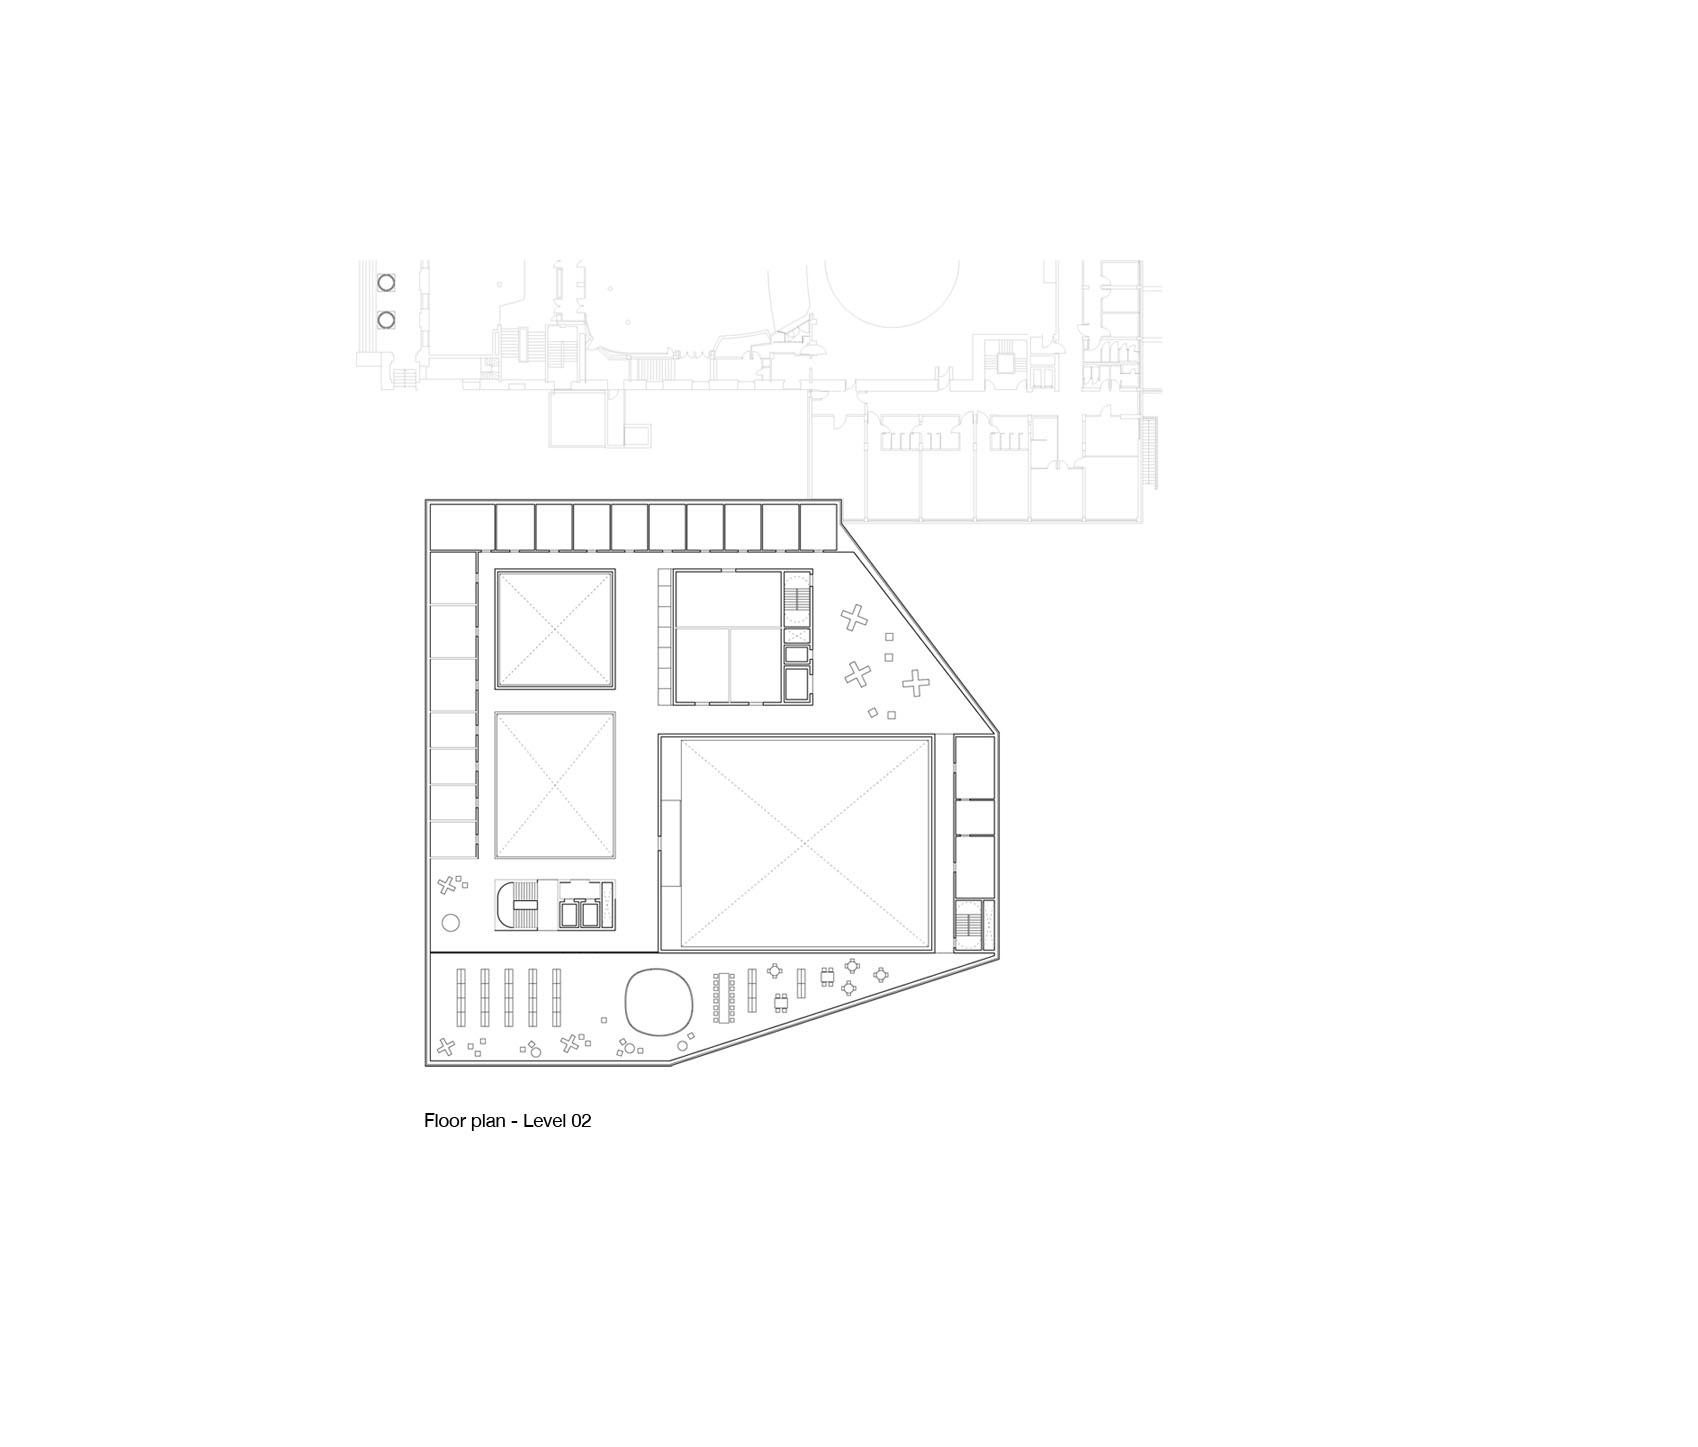 Haus der Musik-Image 14.jpg